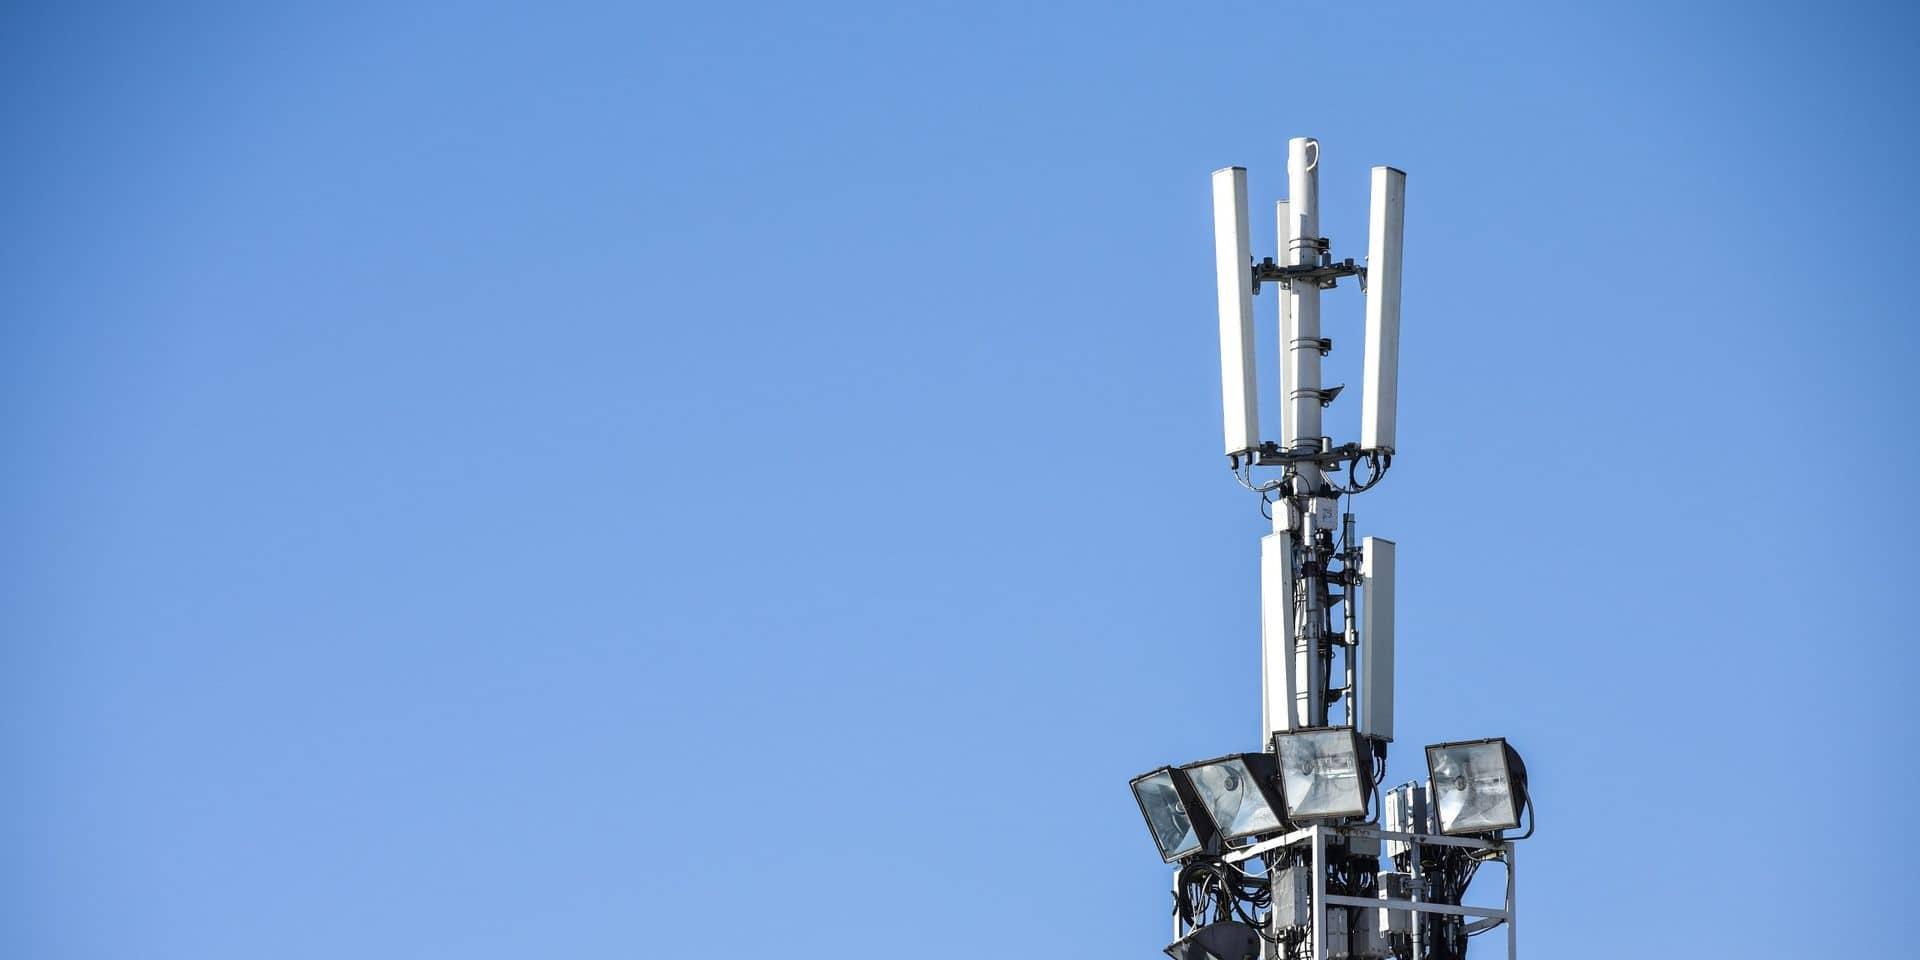 Vers une saturation du réseau 4G à Bruxelles en heure de pointe d'ici 2022?